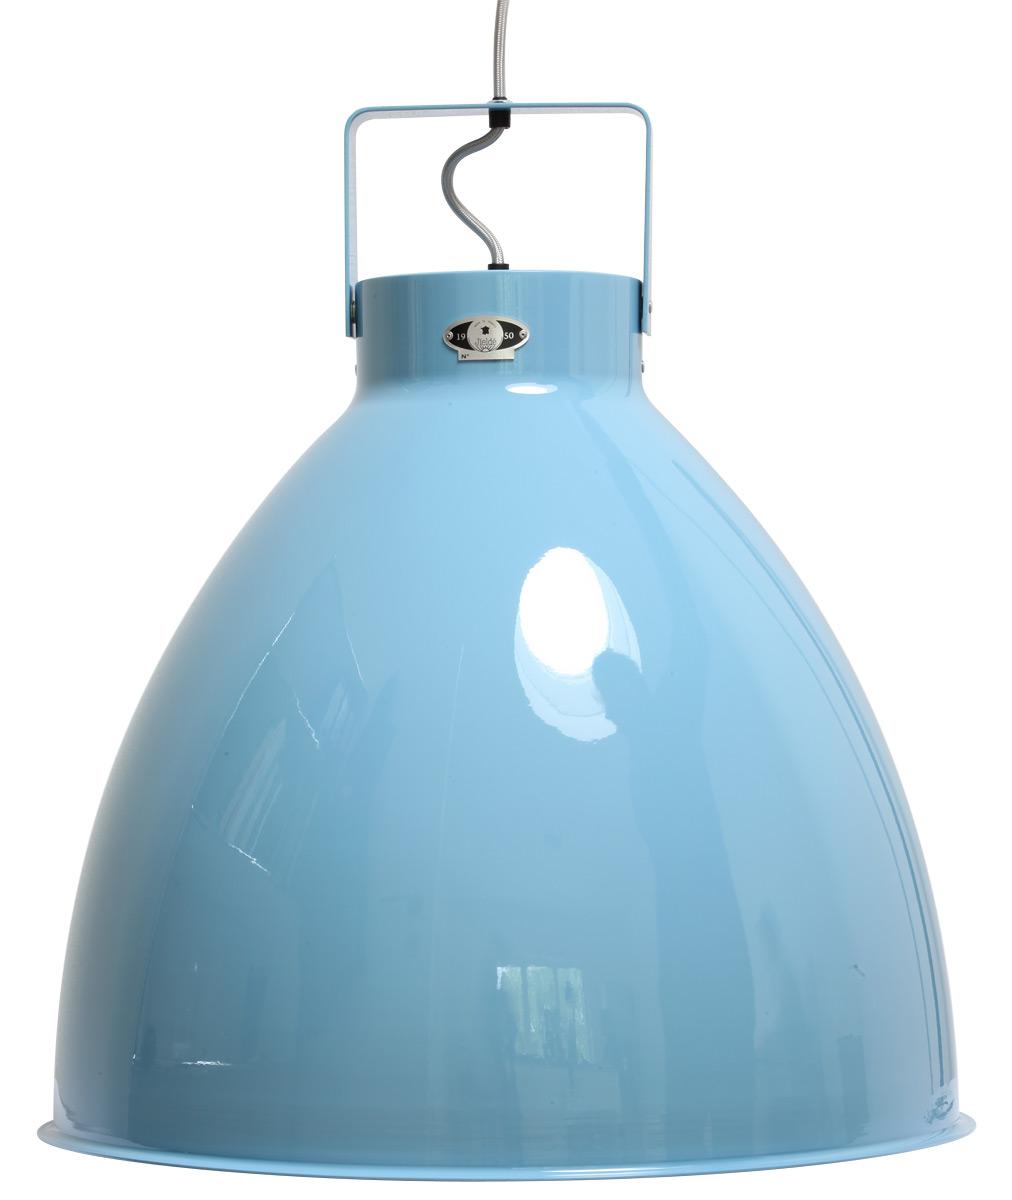 Diese große, blaue Hängeleuchte mit über 50 cm Durchmesser kann in vielen anderen RAL-Tönen gefertigt werden.